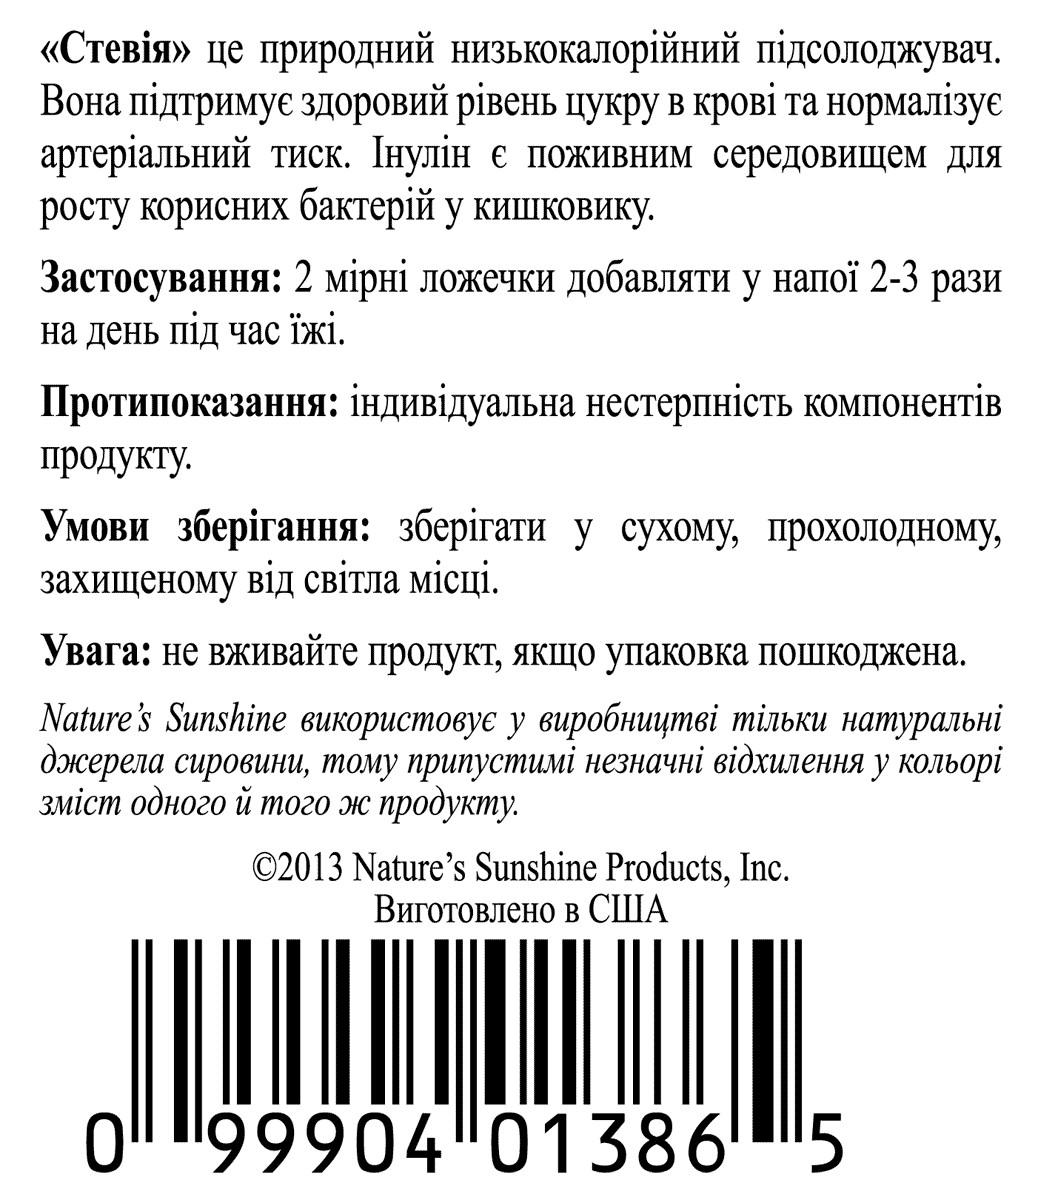 Stevia [1386] (-15%)